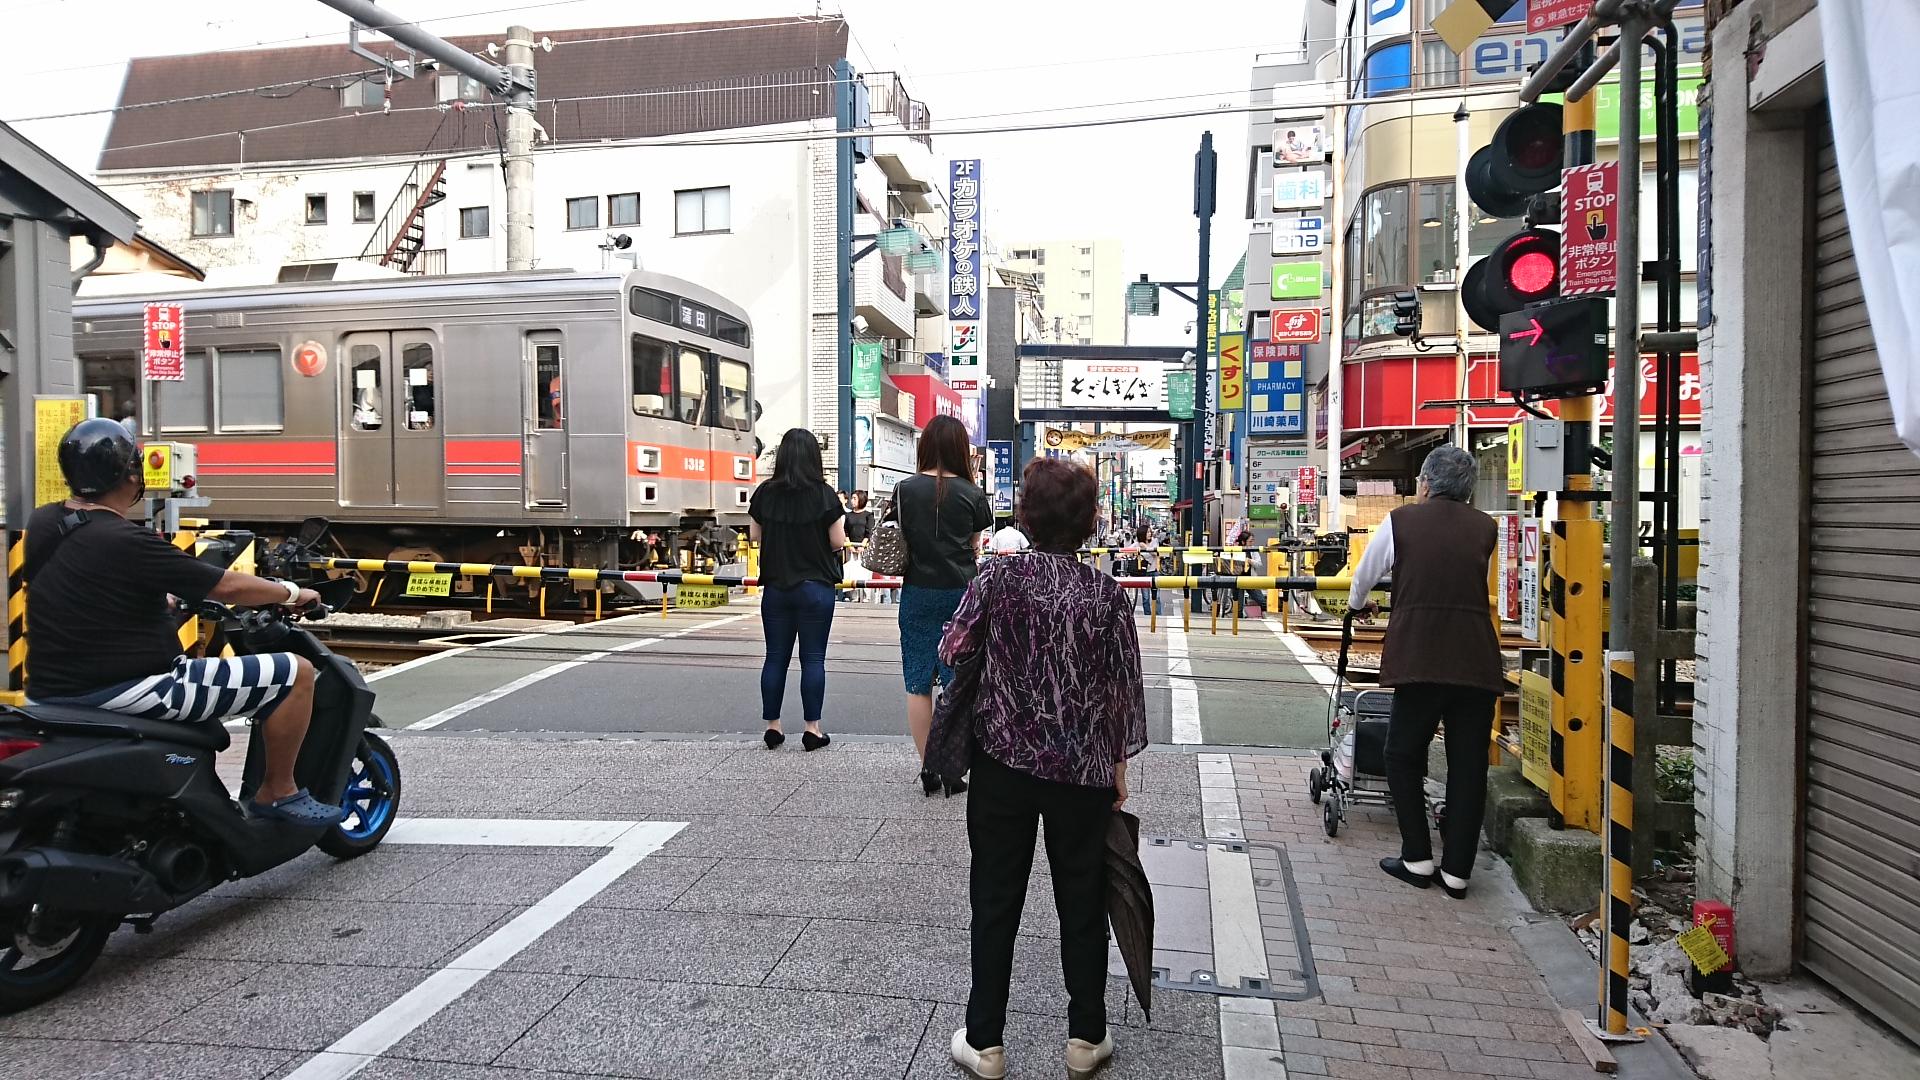 2017.10.12 東京 (88) 戸越銀座 - ふみきり 1920-1080